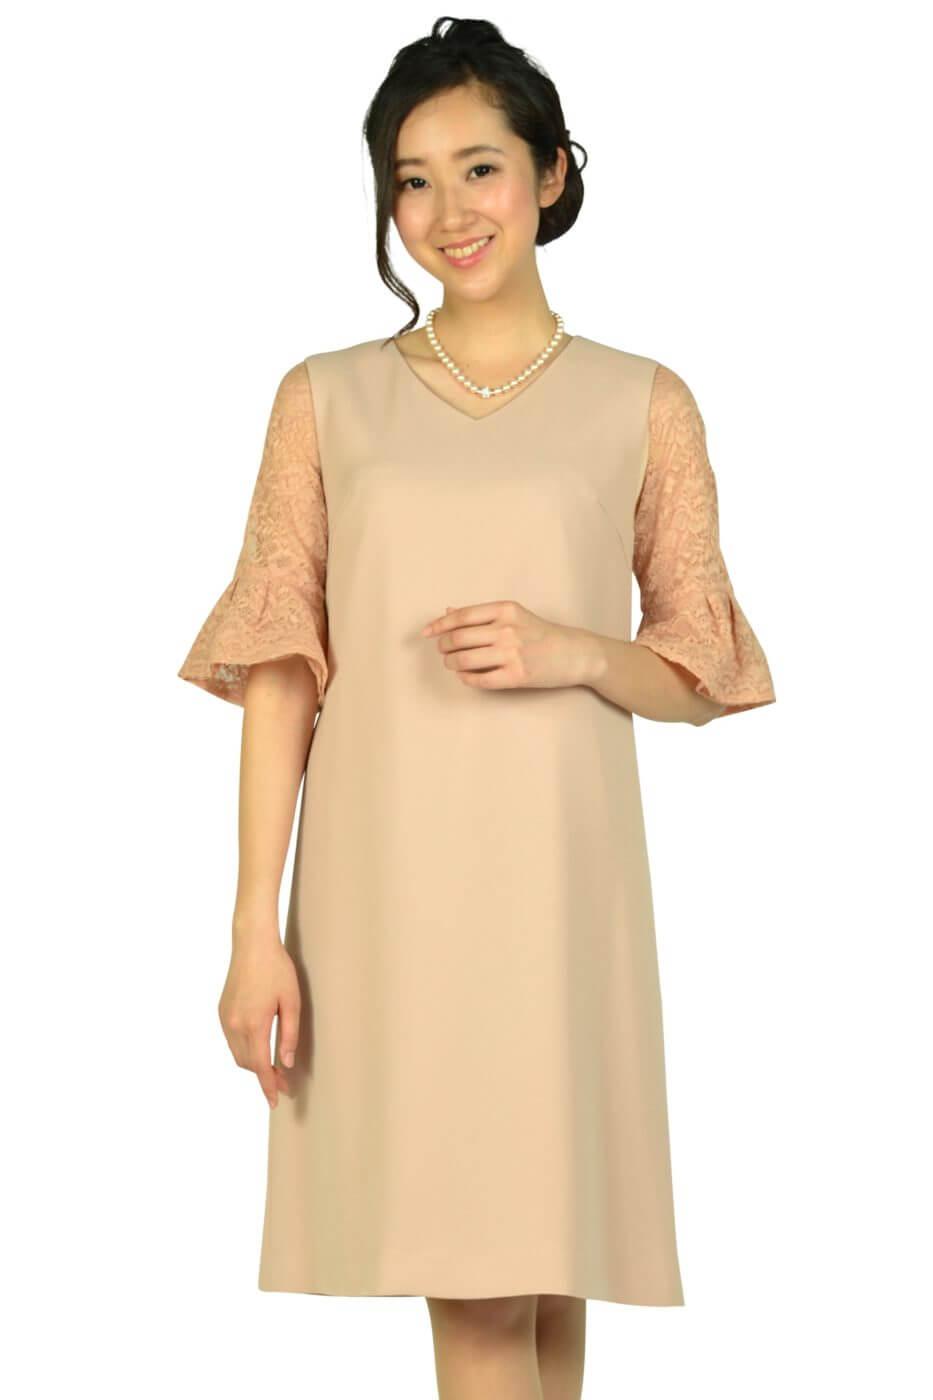 ユナイテッドアローズ (UNITED ARROWS)インナーレース袖付きピンクベージュドレス